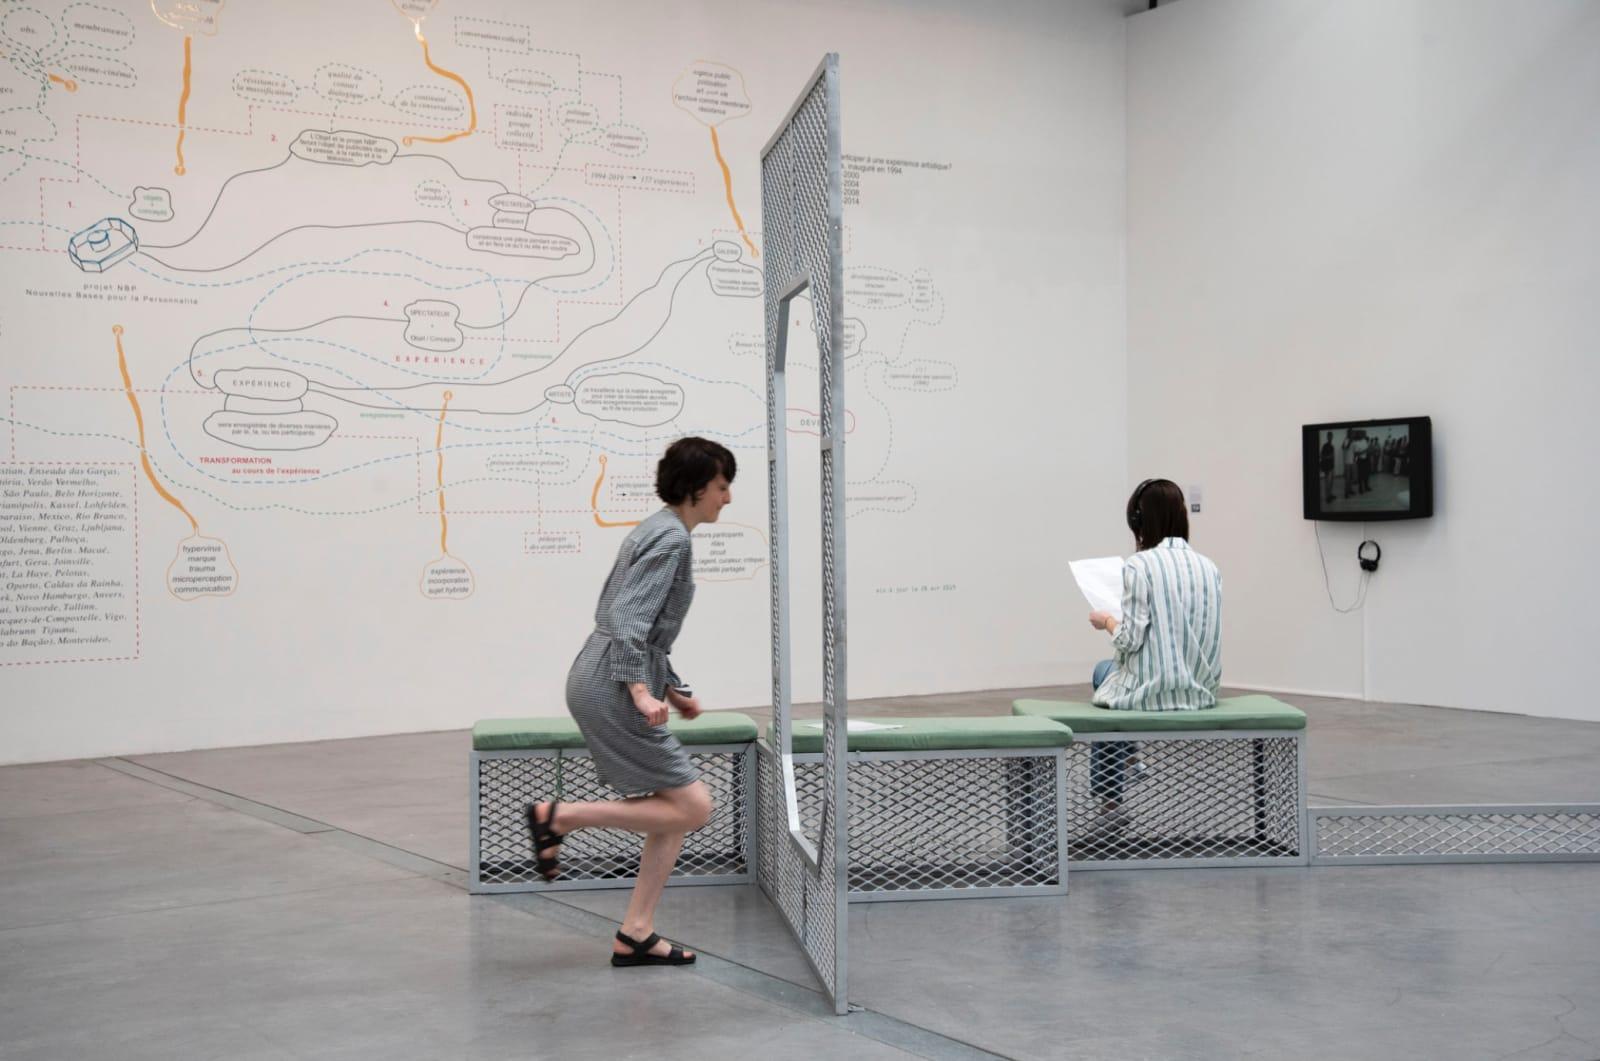 Con(Vivências), exhibition view at Le 19, Centre D'Art Contemporain, Montbéliard, France, 2019